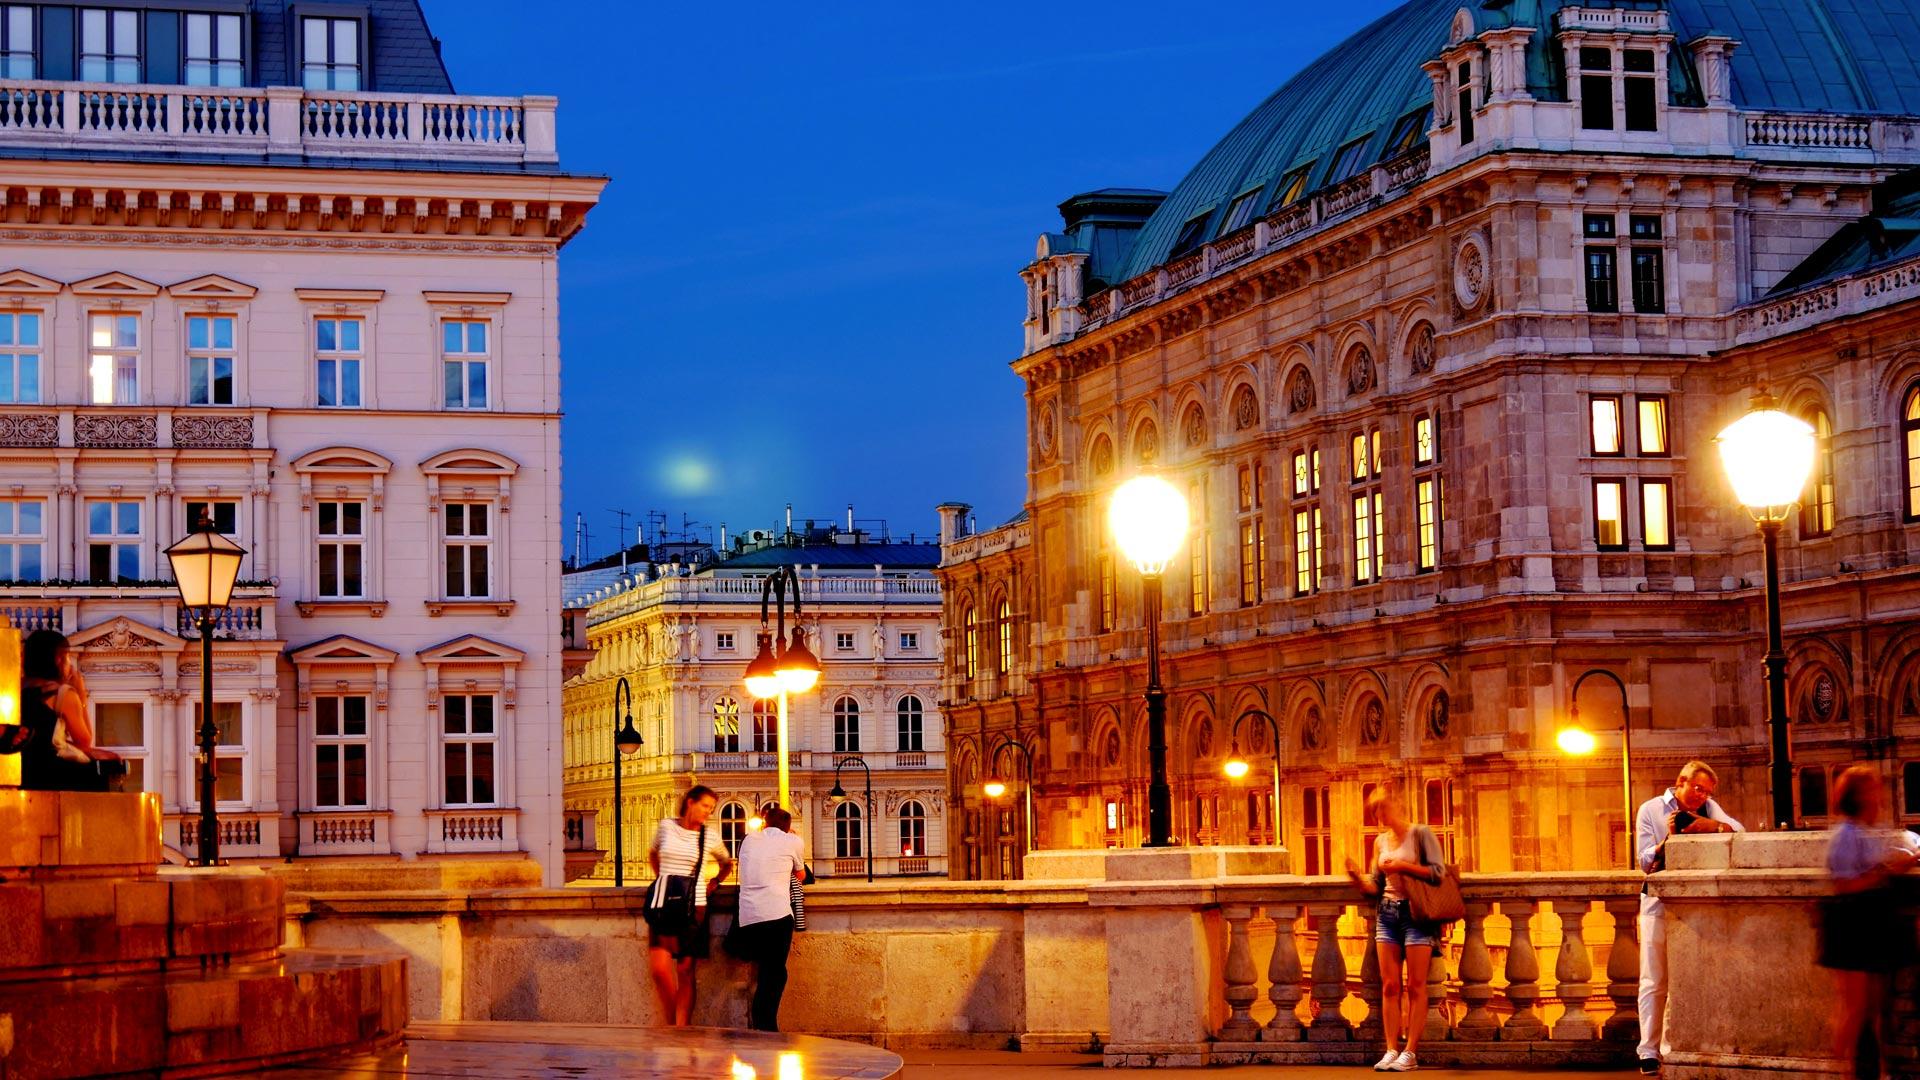 Czy w Wiedniu jest Primark? Czy w Austrii jest Primark?